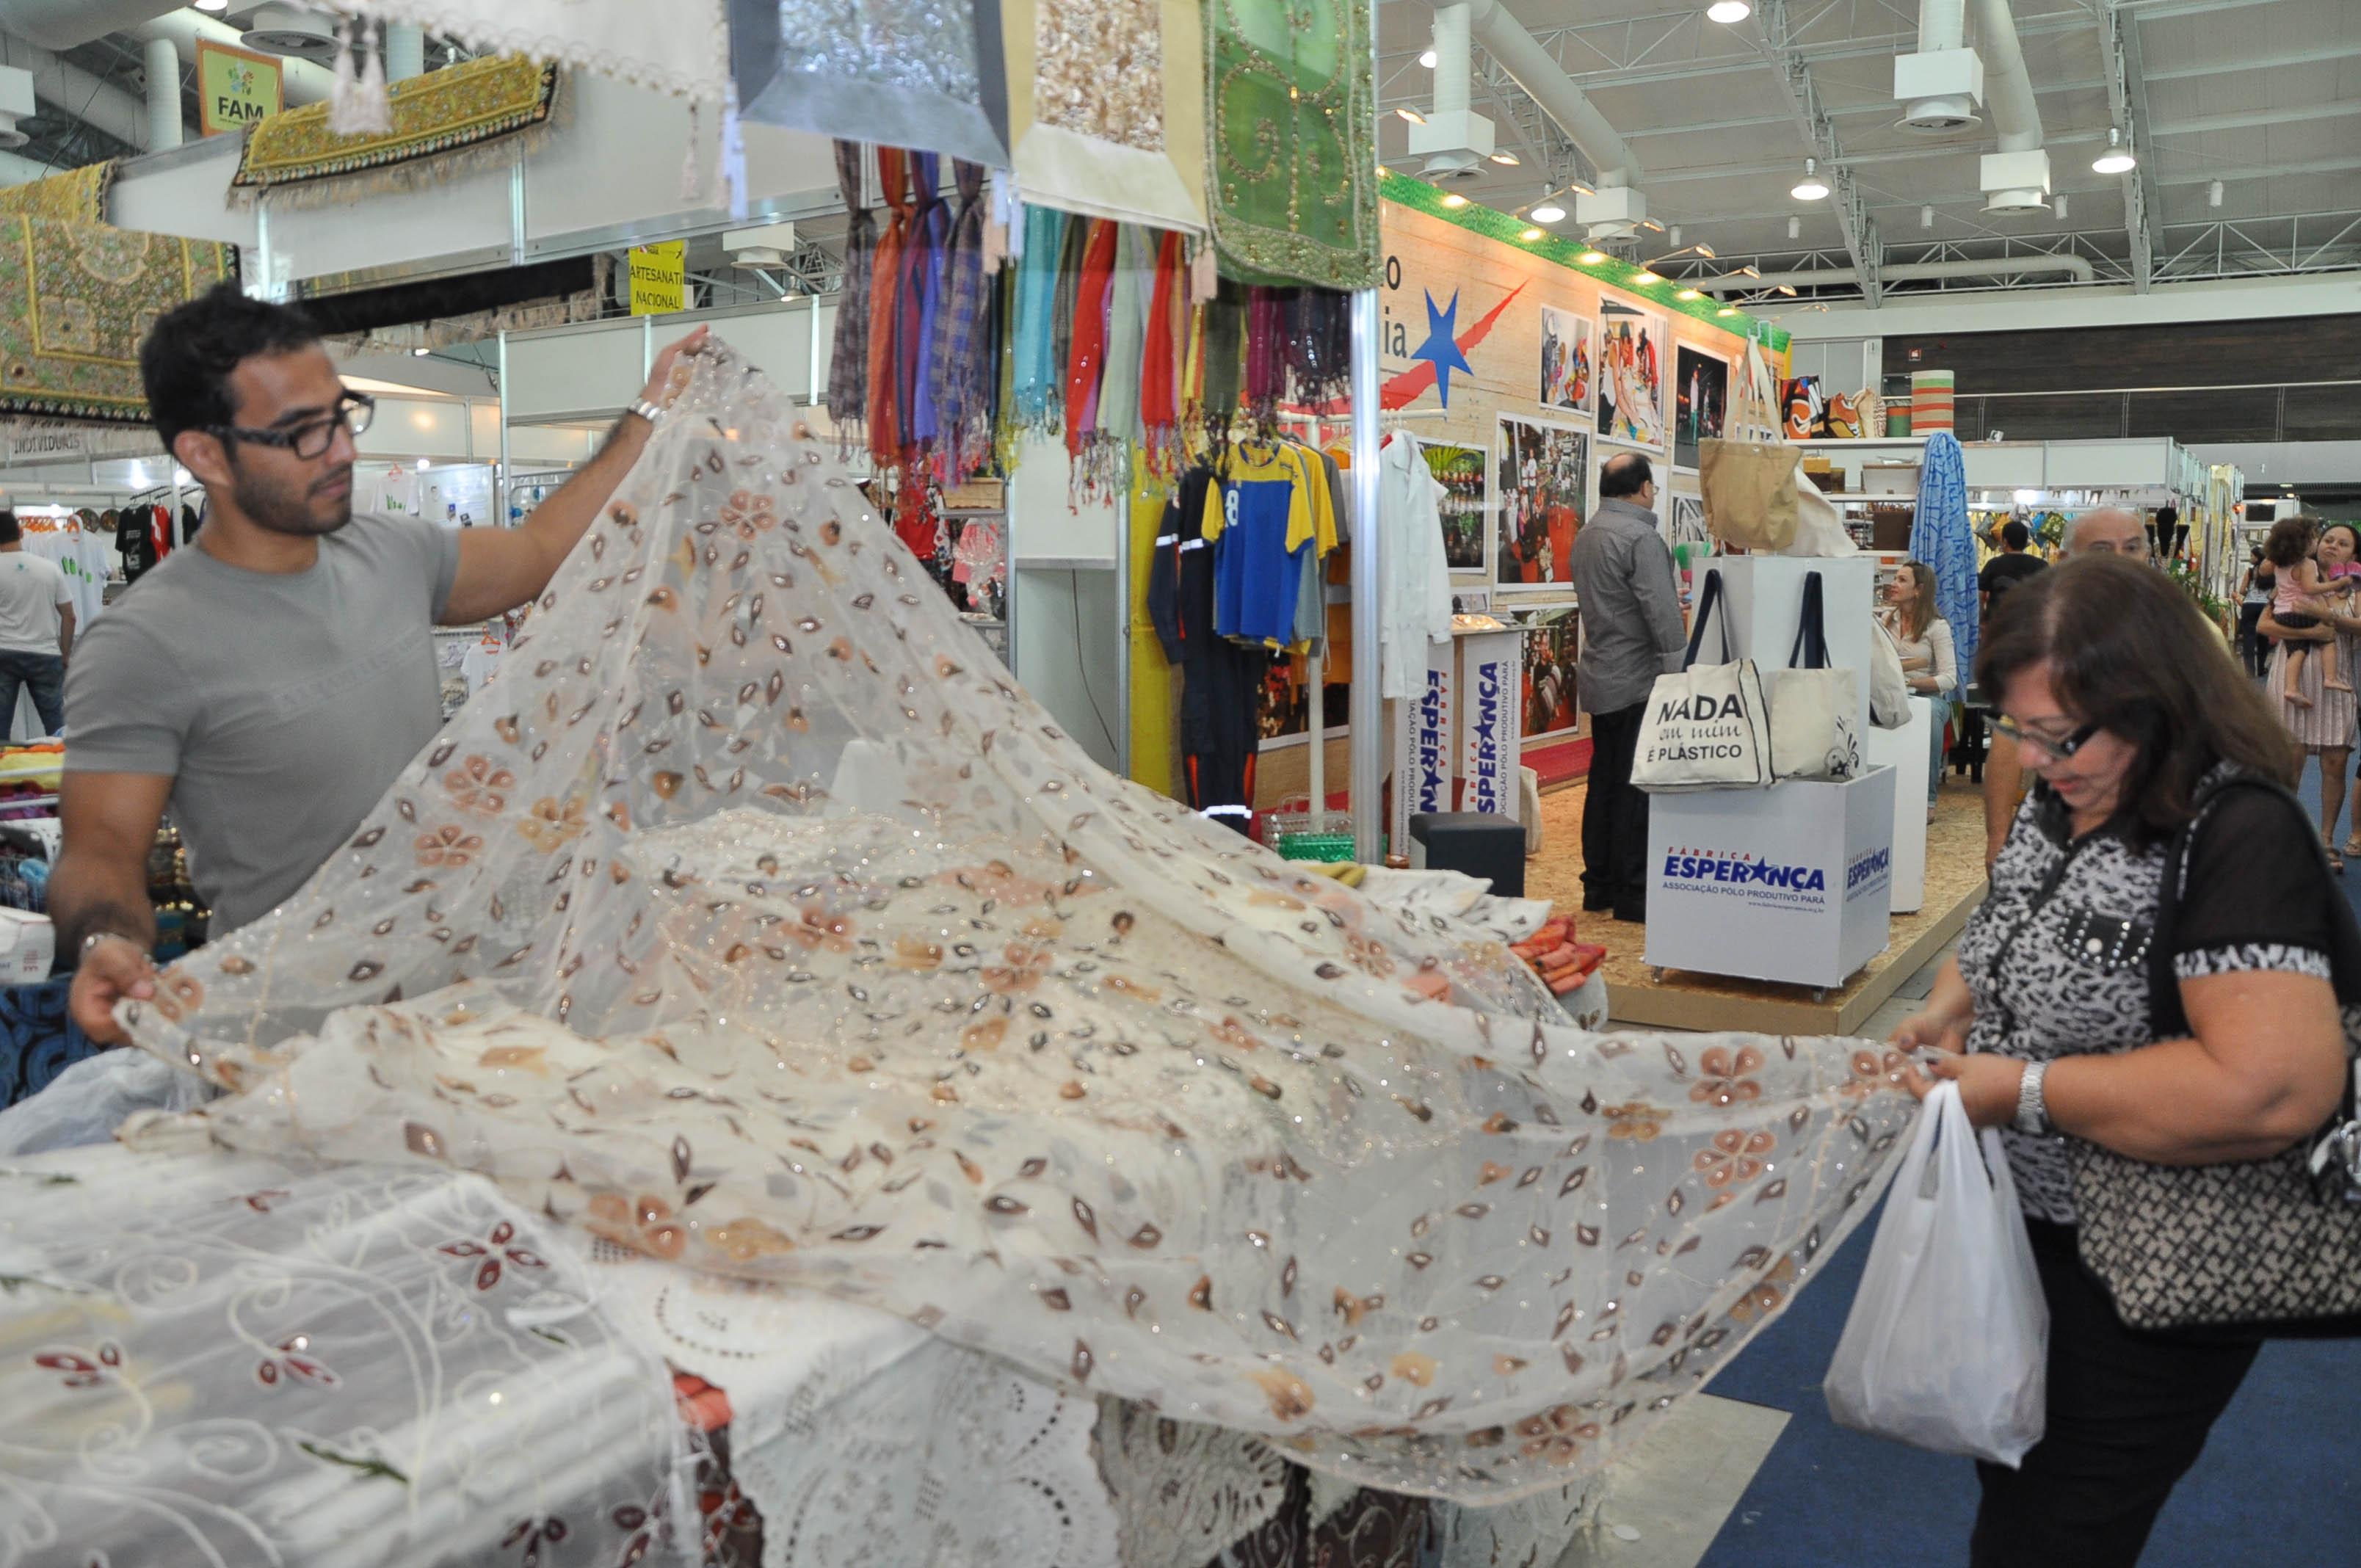 Artesanato No Brasil ~ Feira do Artesanato Mundial reúne produç u00e3o artística do Brasil e do Mundo em Belém